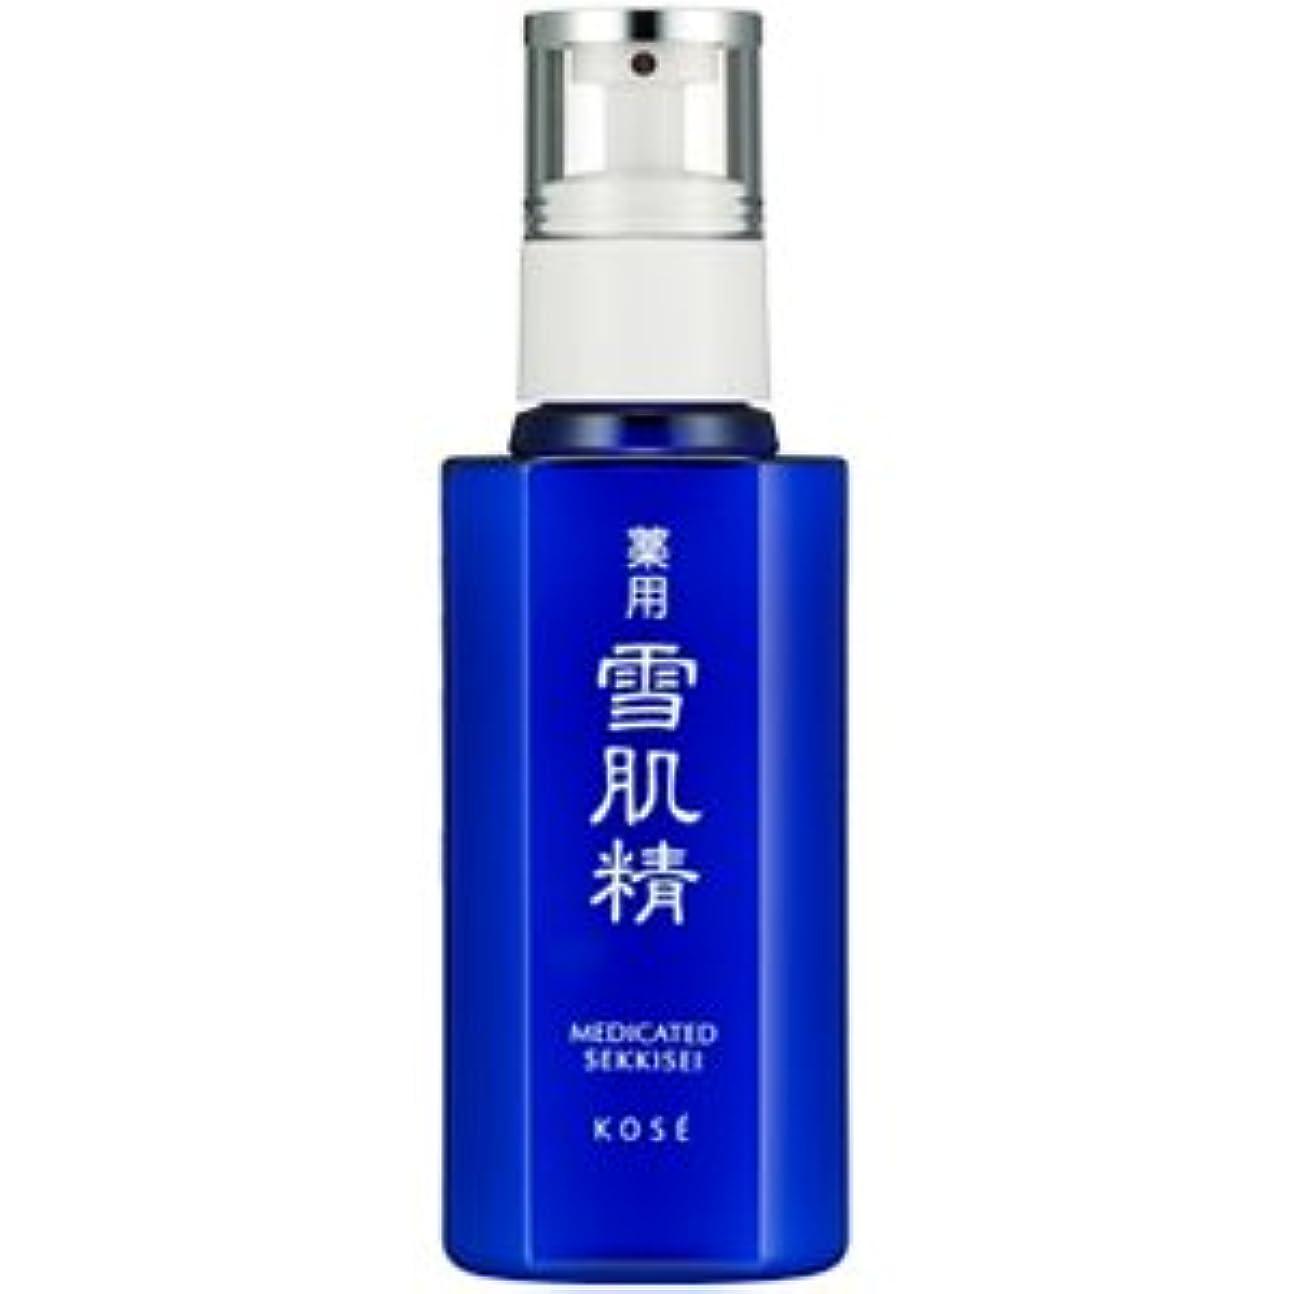 花火炎サイクロプス【コーセー 乳液】薬用 雪肌精 乳液 140ml